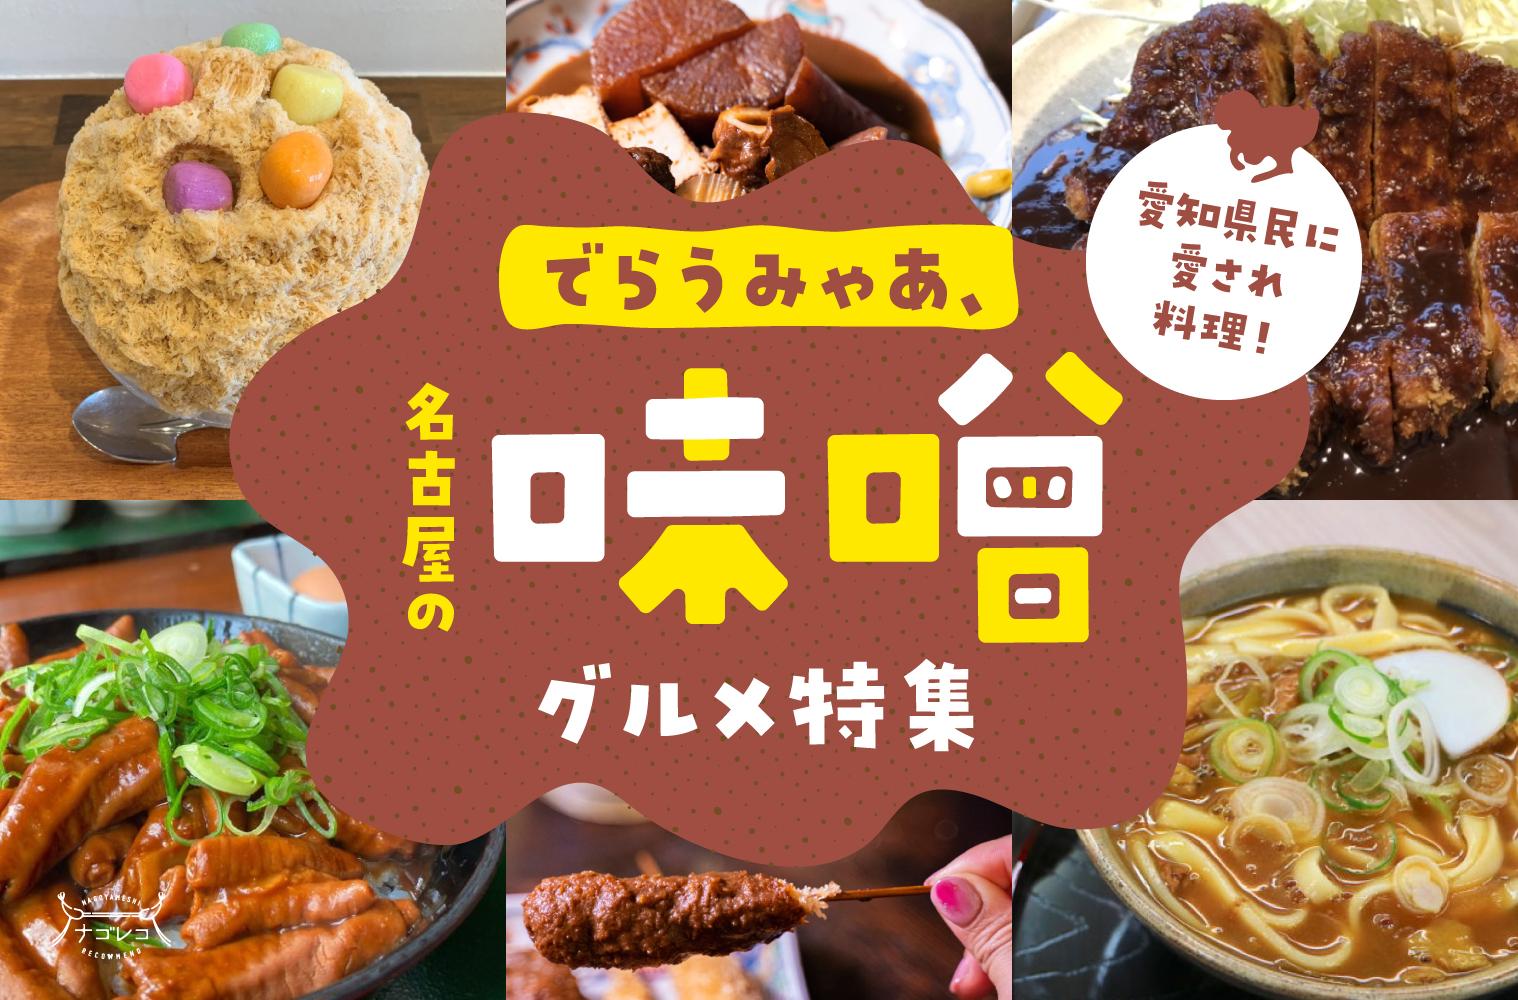 まとめ|愛知県民に愛され料理!でらうみゃあ、名古屋の味噌グルメ特集